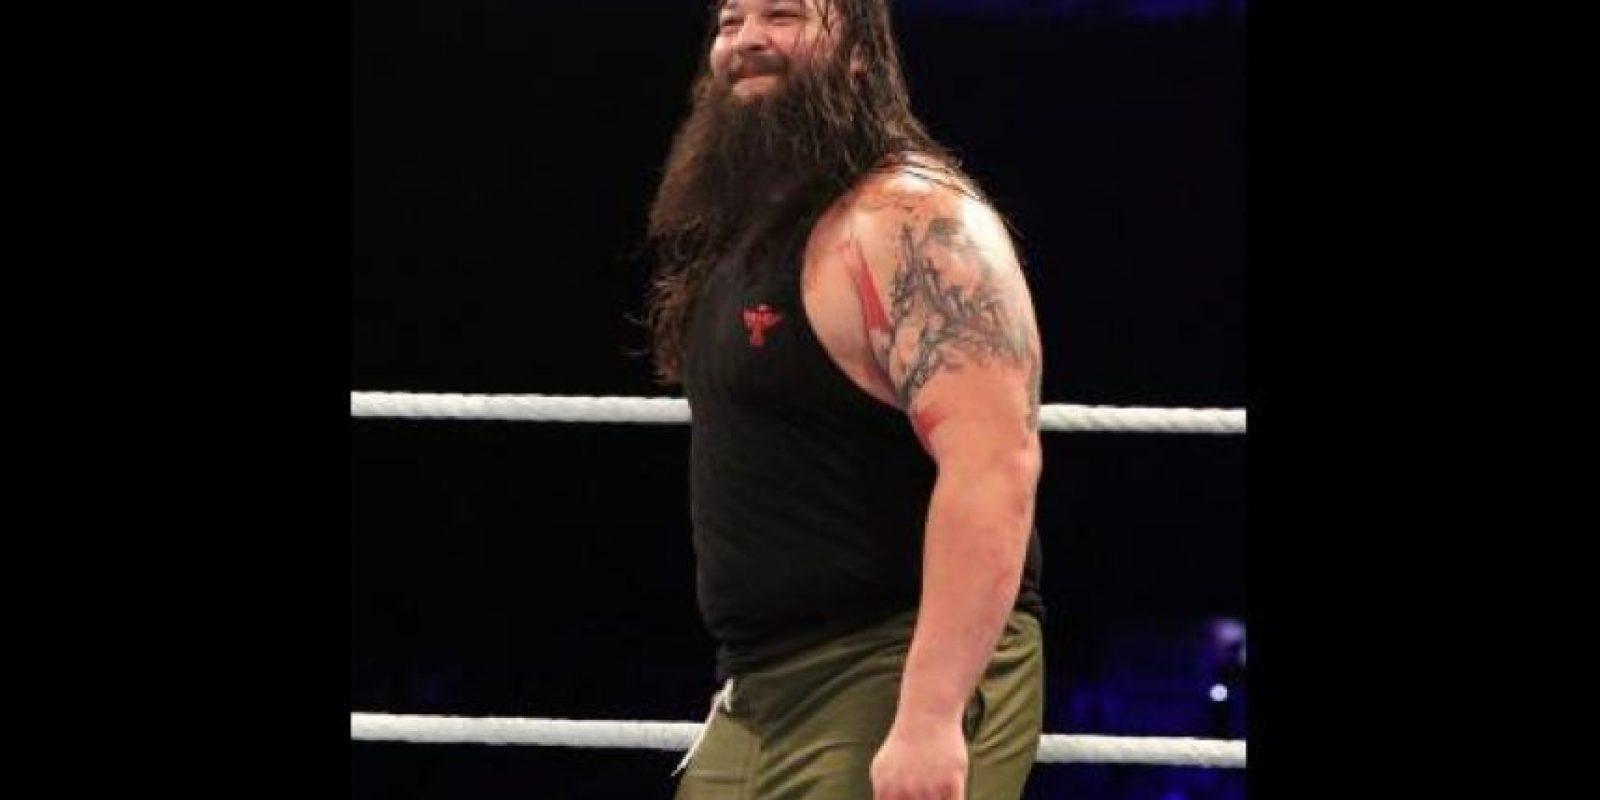 Wyatt es uno de los rudos más populares de la actualidad Foto:WWE